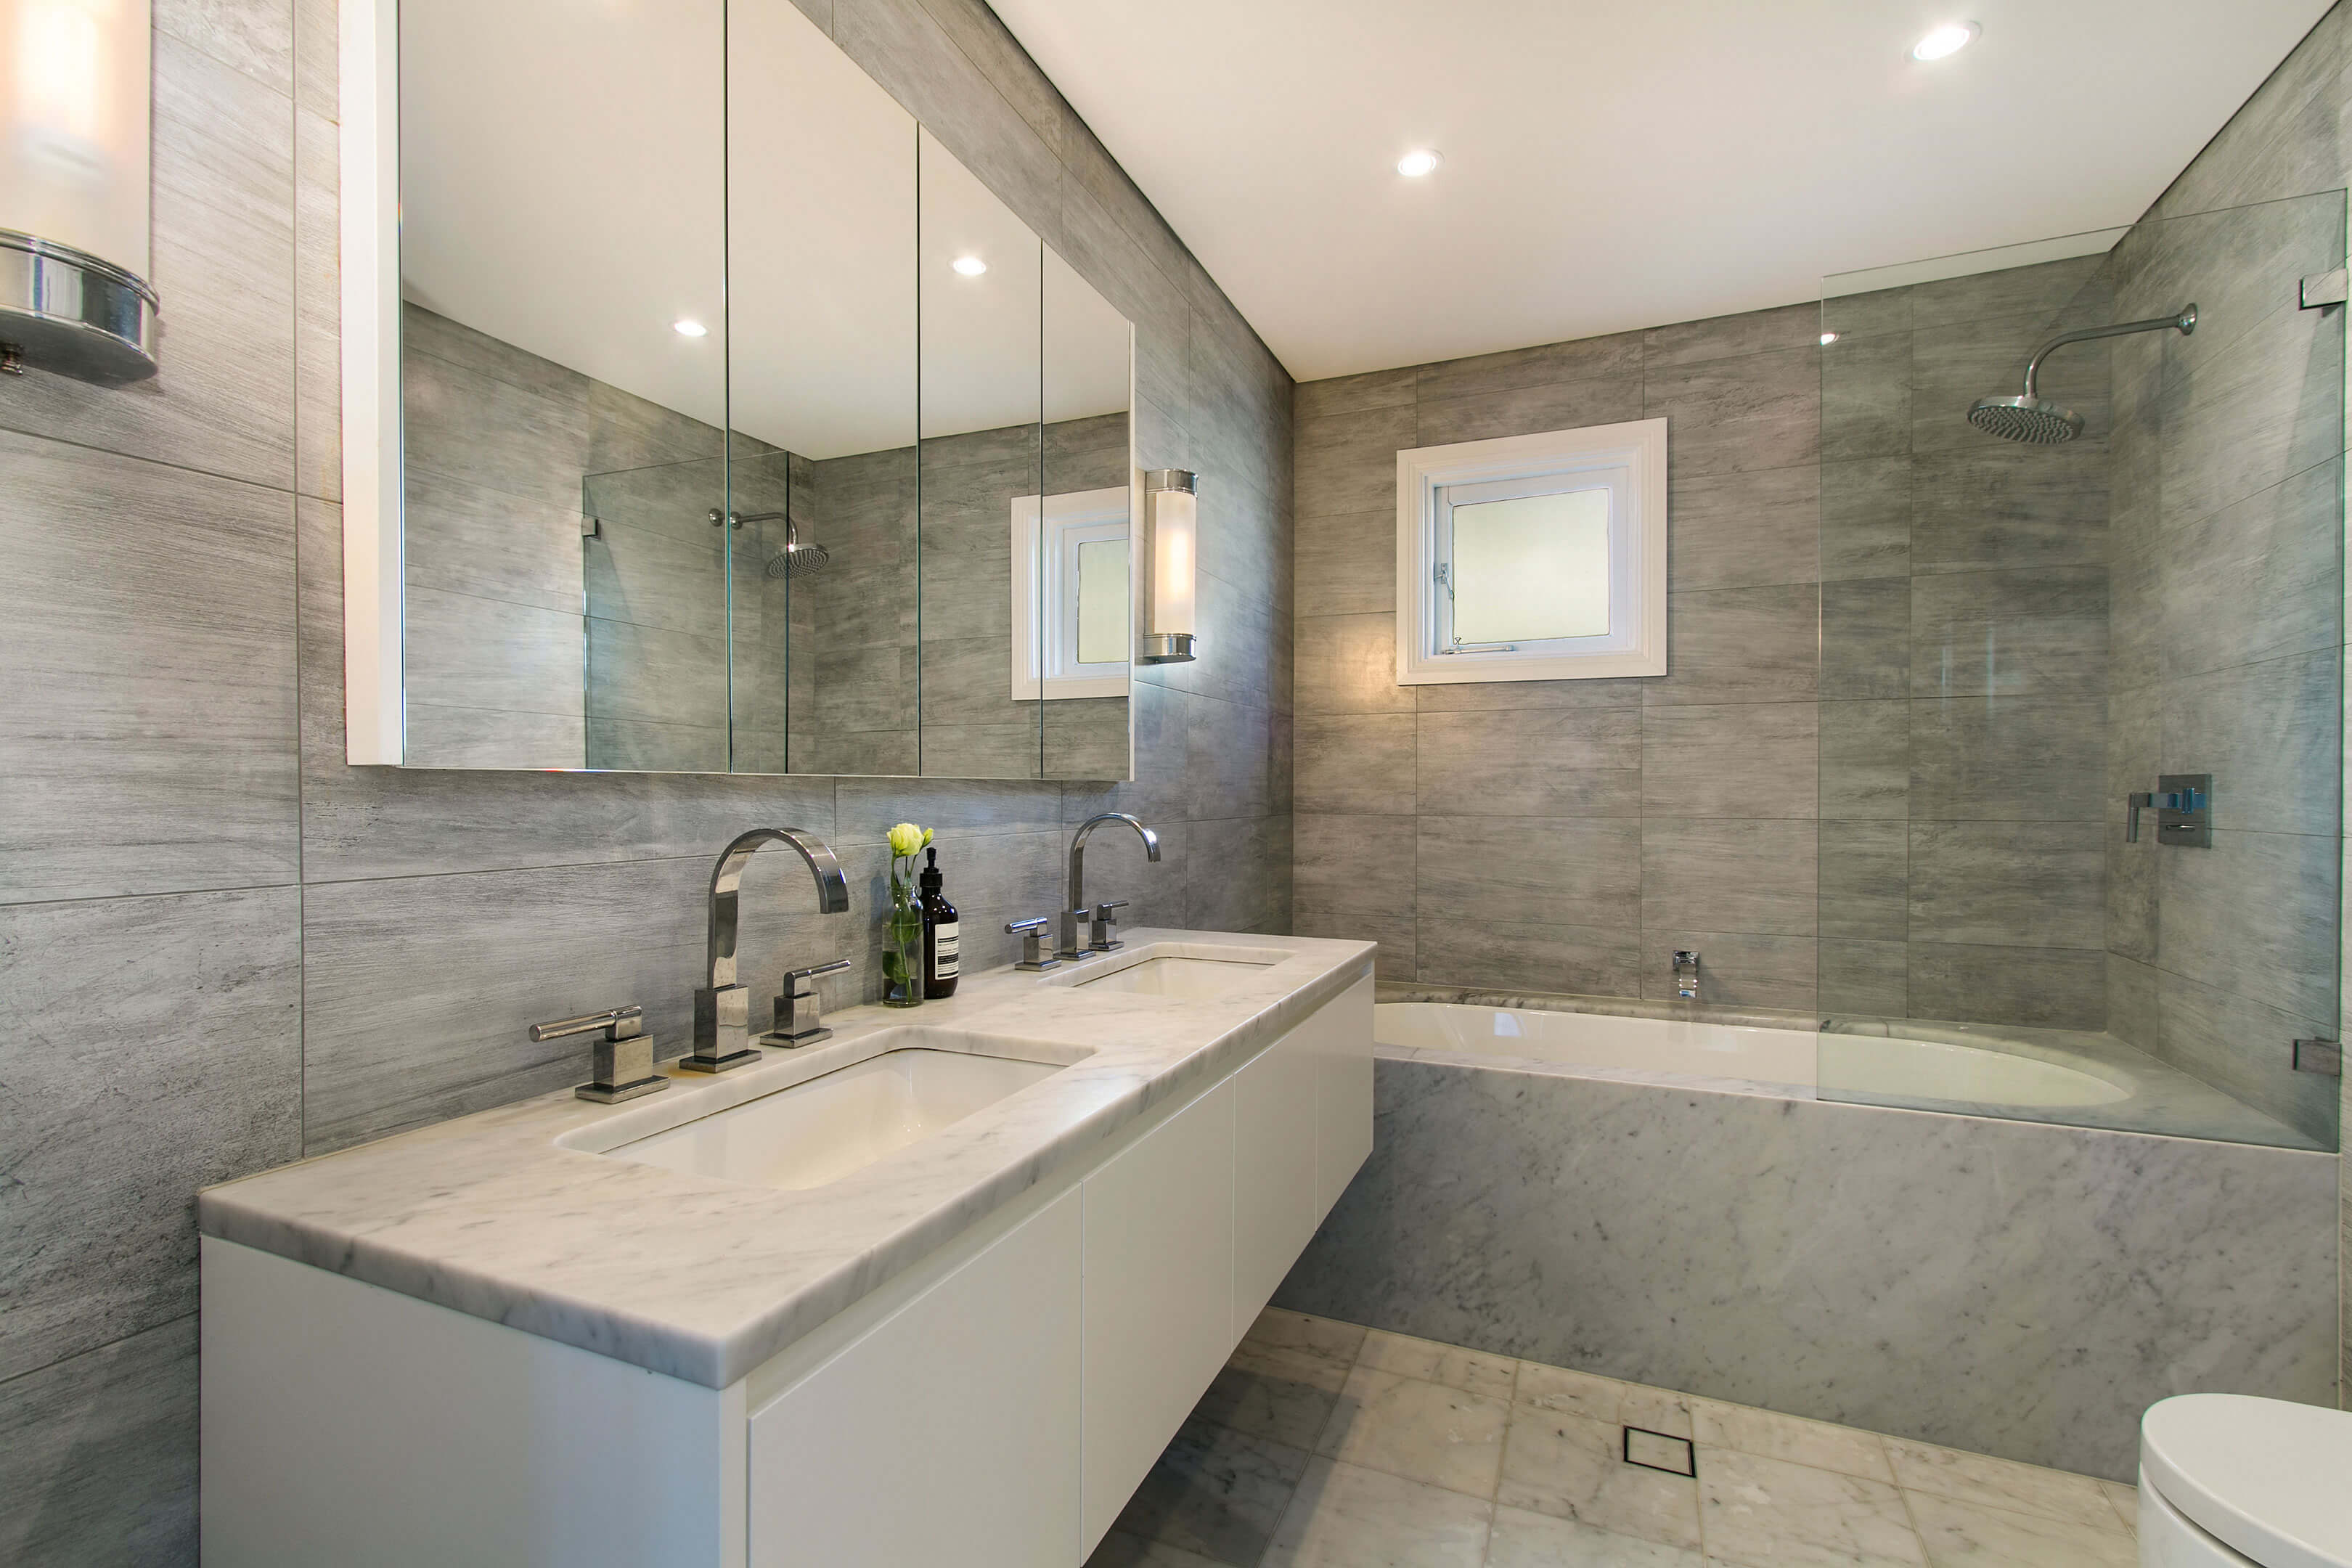 arbeitsplatten aus naturstein monreal rohrbach granit naturstein d sseldorf fassade. Black Bedroom Furniture Sets. Home Design Ideas